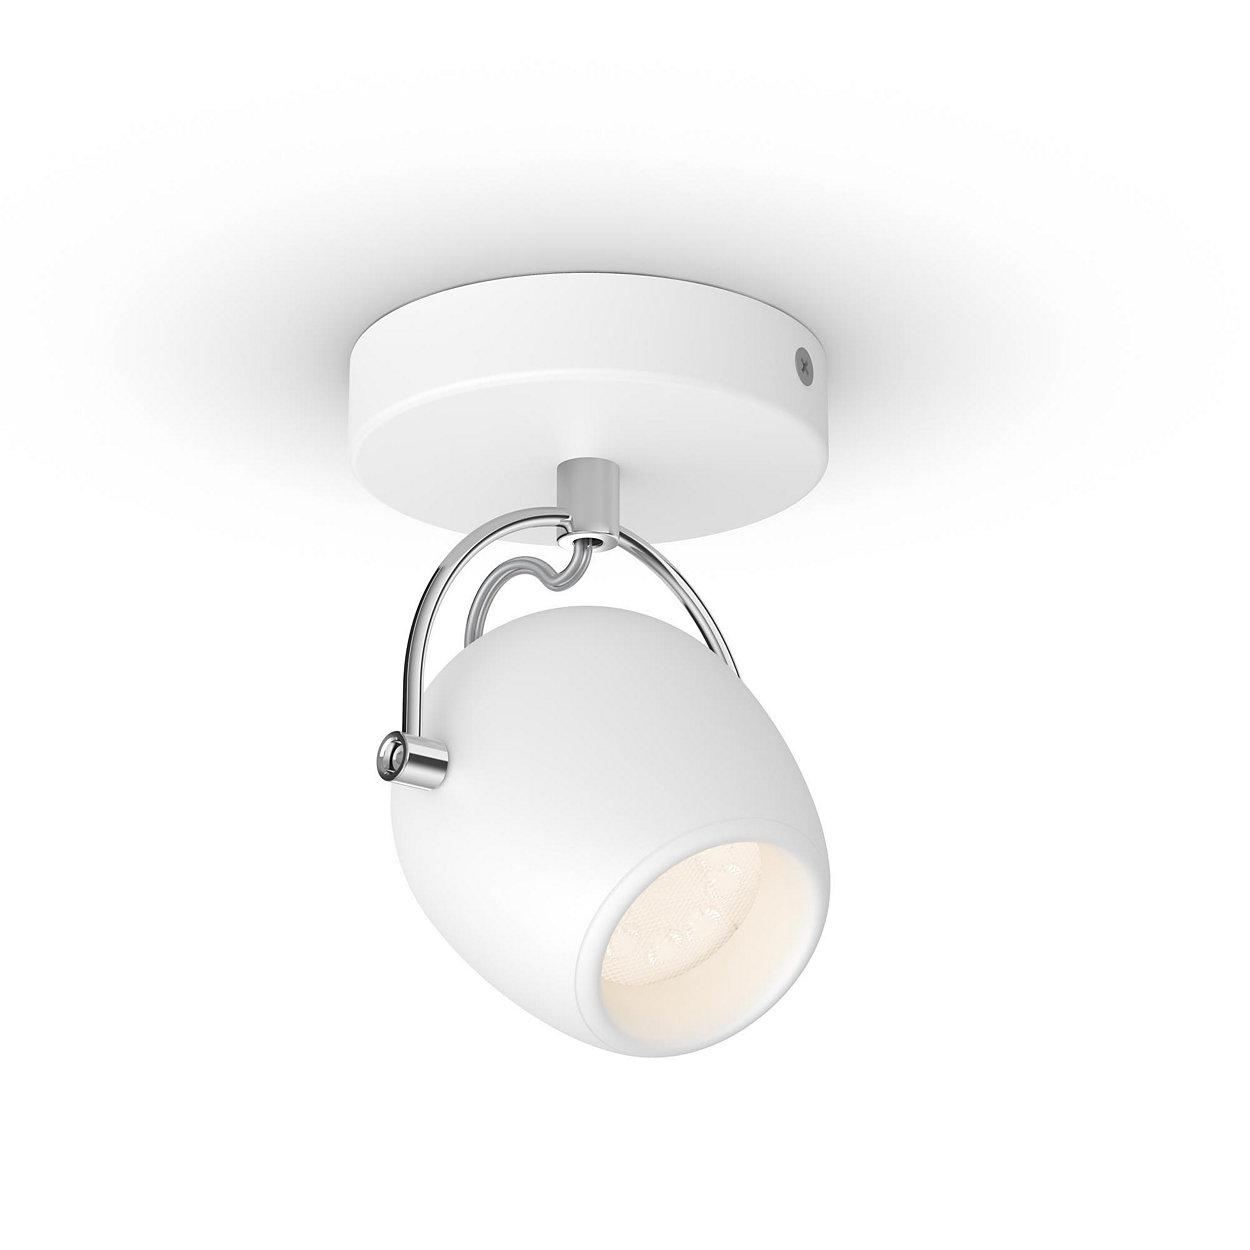 Komfortabel LED belysning, som skåner øjnene.